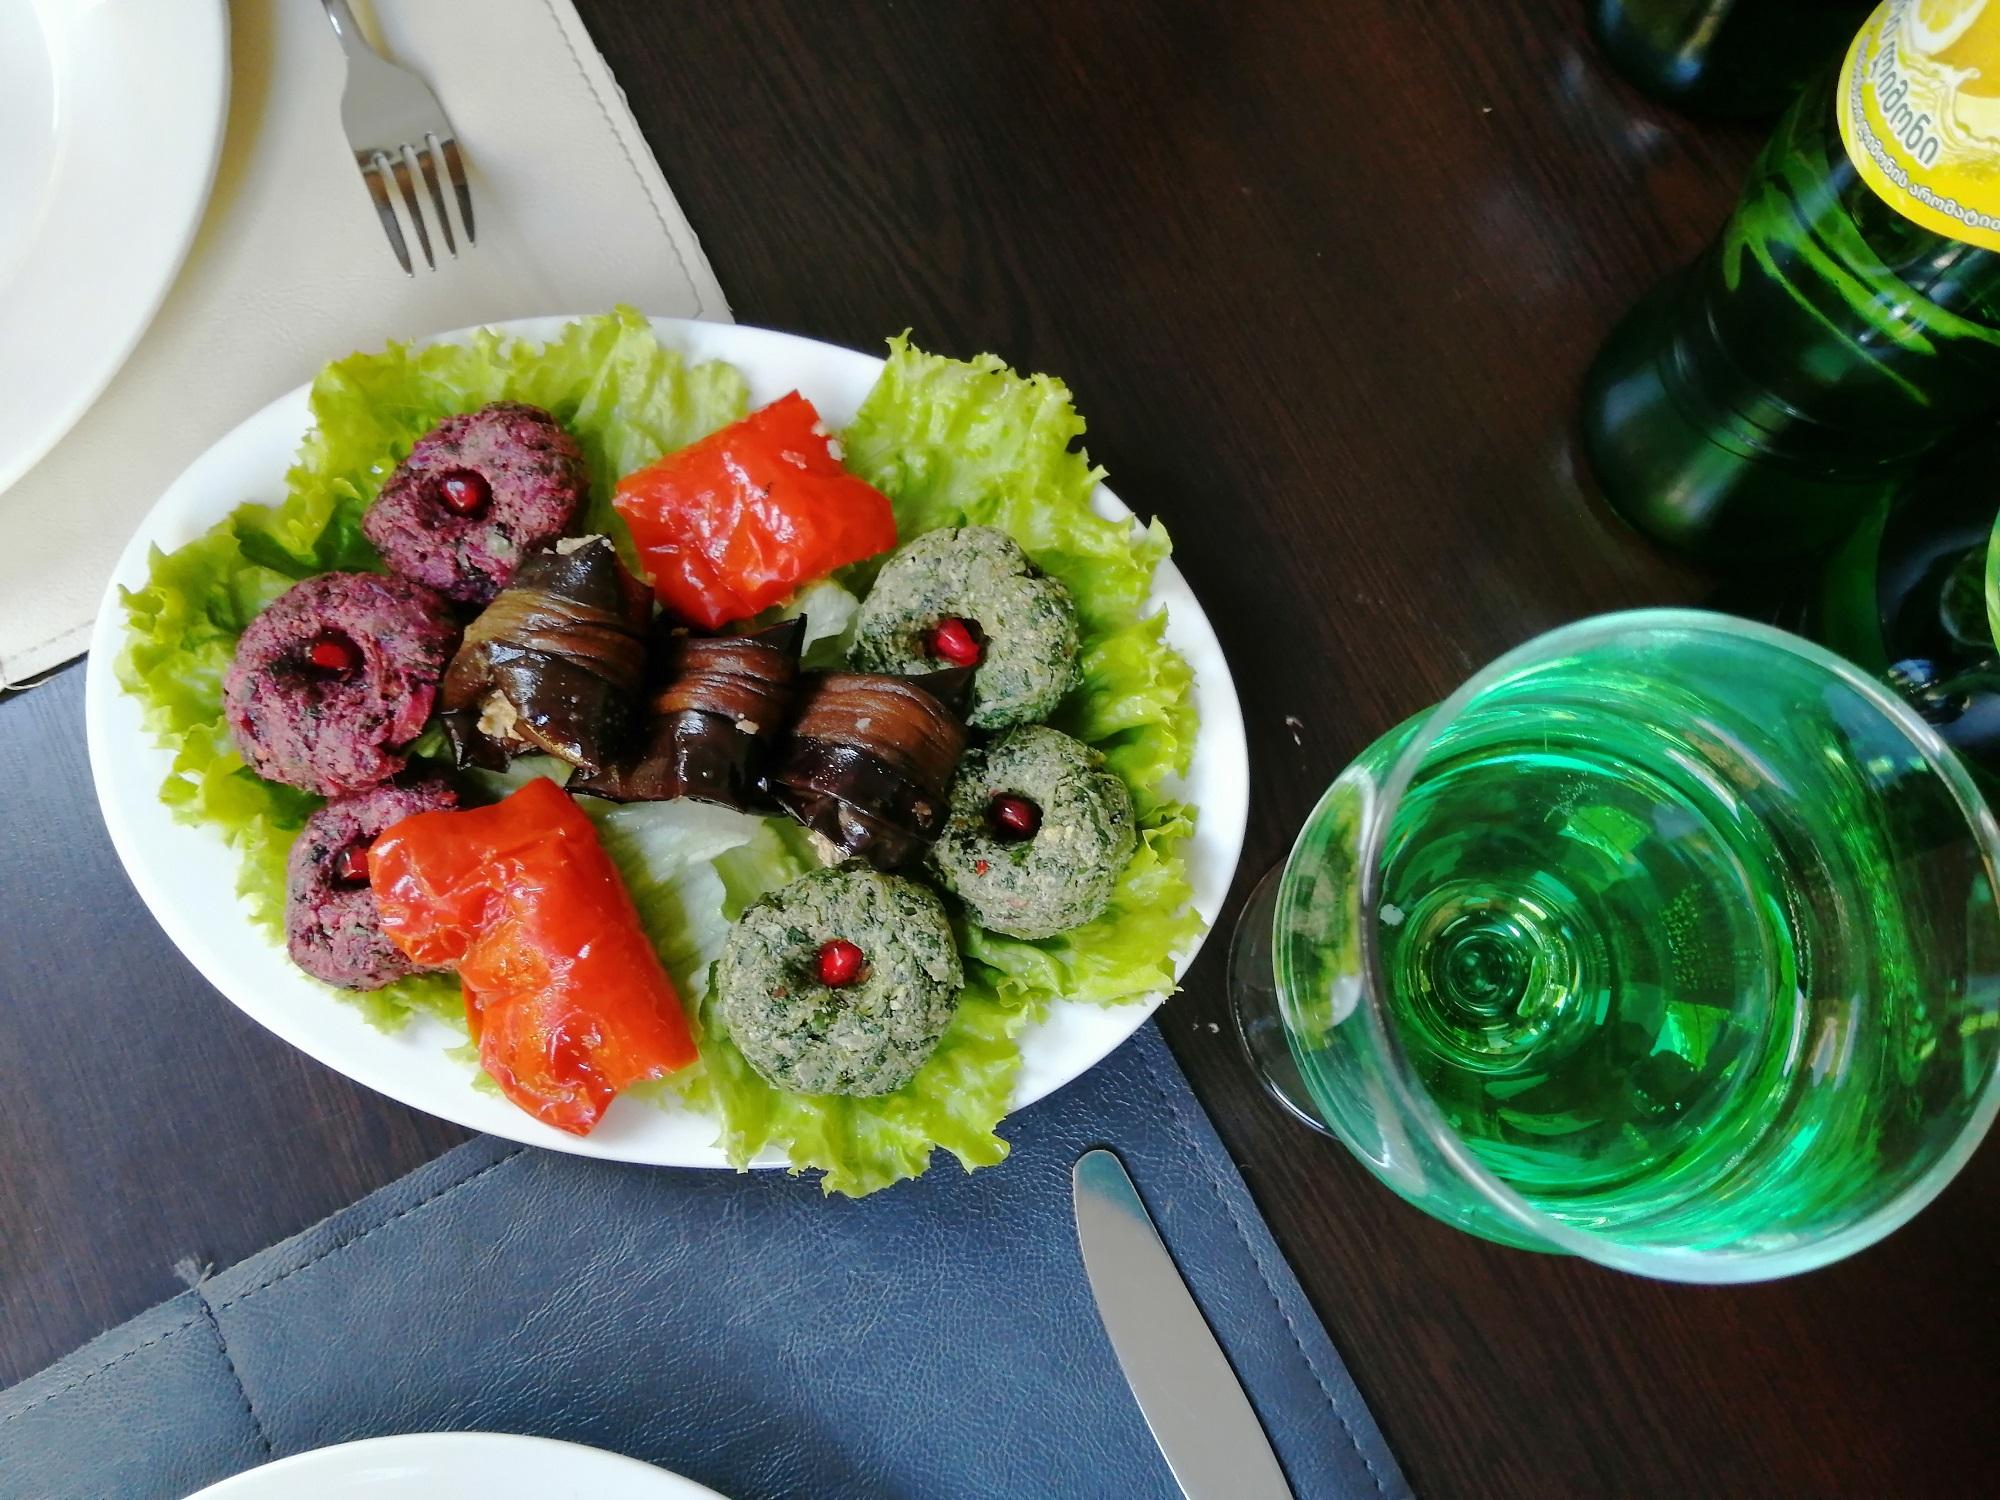 Badridschani umringt von Pchali und Paprika mit Bazha-Sauce